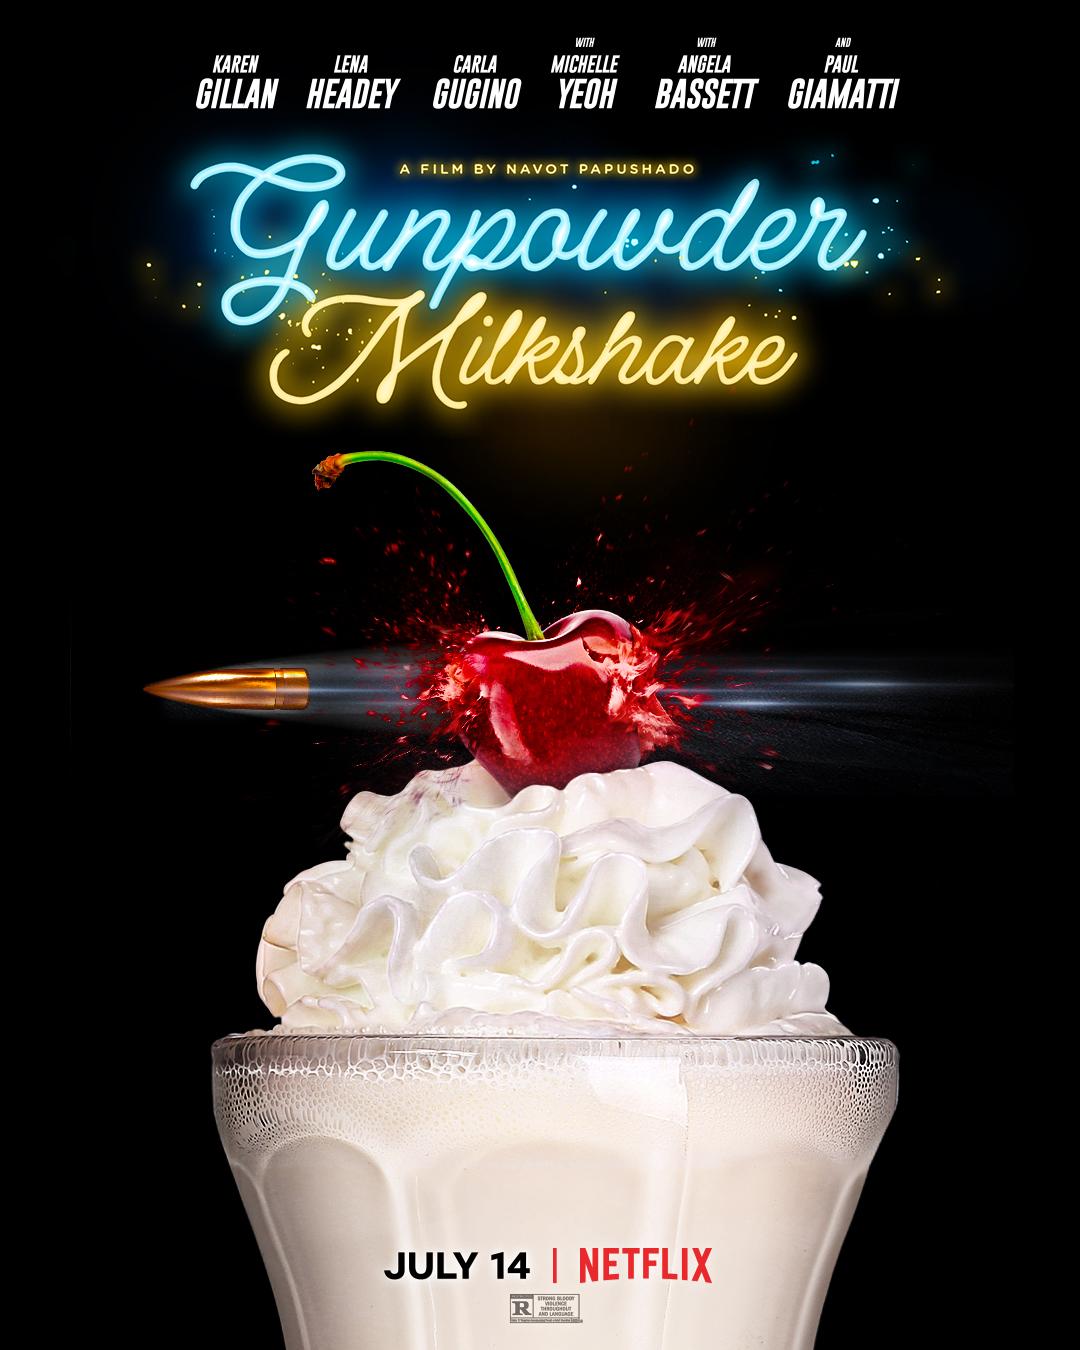 Das Poster zu Gunpowder Milkshake zeigt eine Patrone, die durch eine Kirsche geschossen wurde. Die Kirsche auf einem Sahne-Eisbecher ist geplatzt. Der Titel steht oberhalb in neonfarbener Schrift.